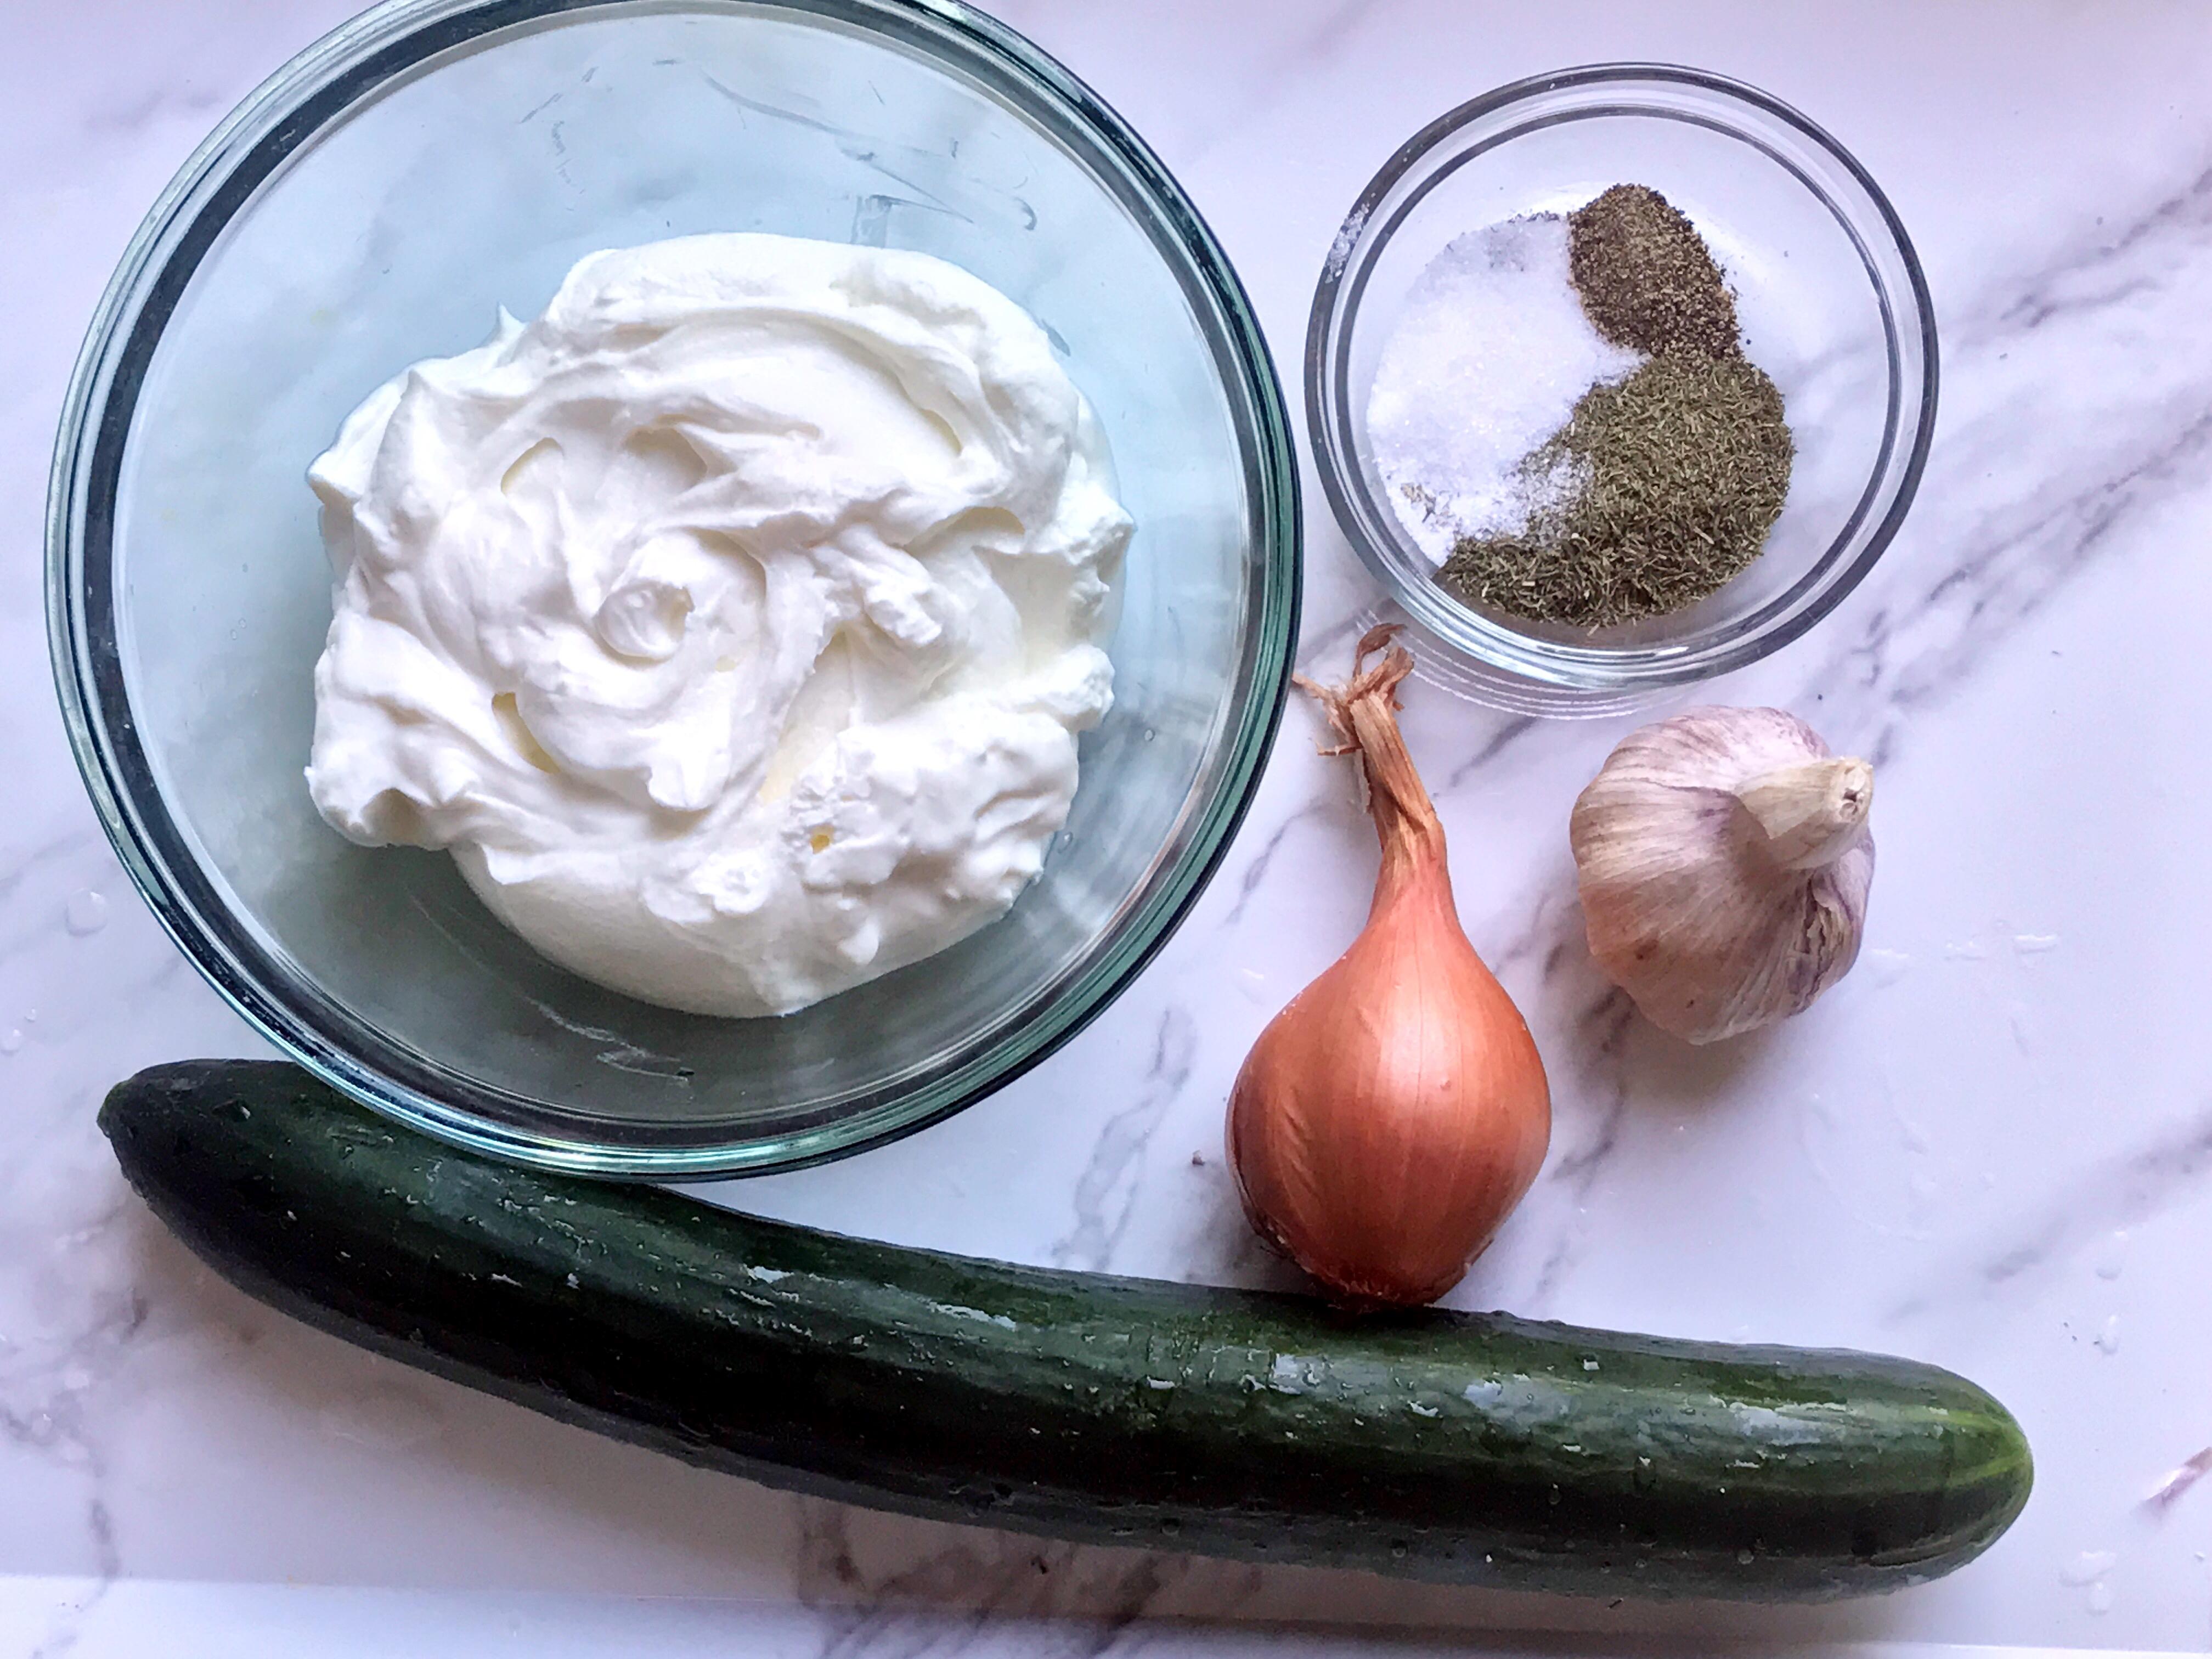 ingredients for mast o khiar